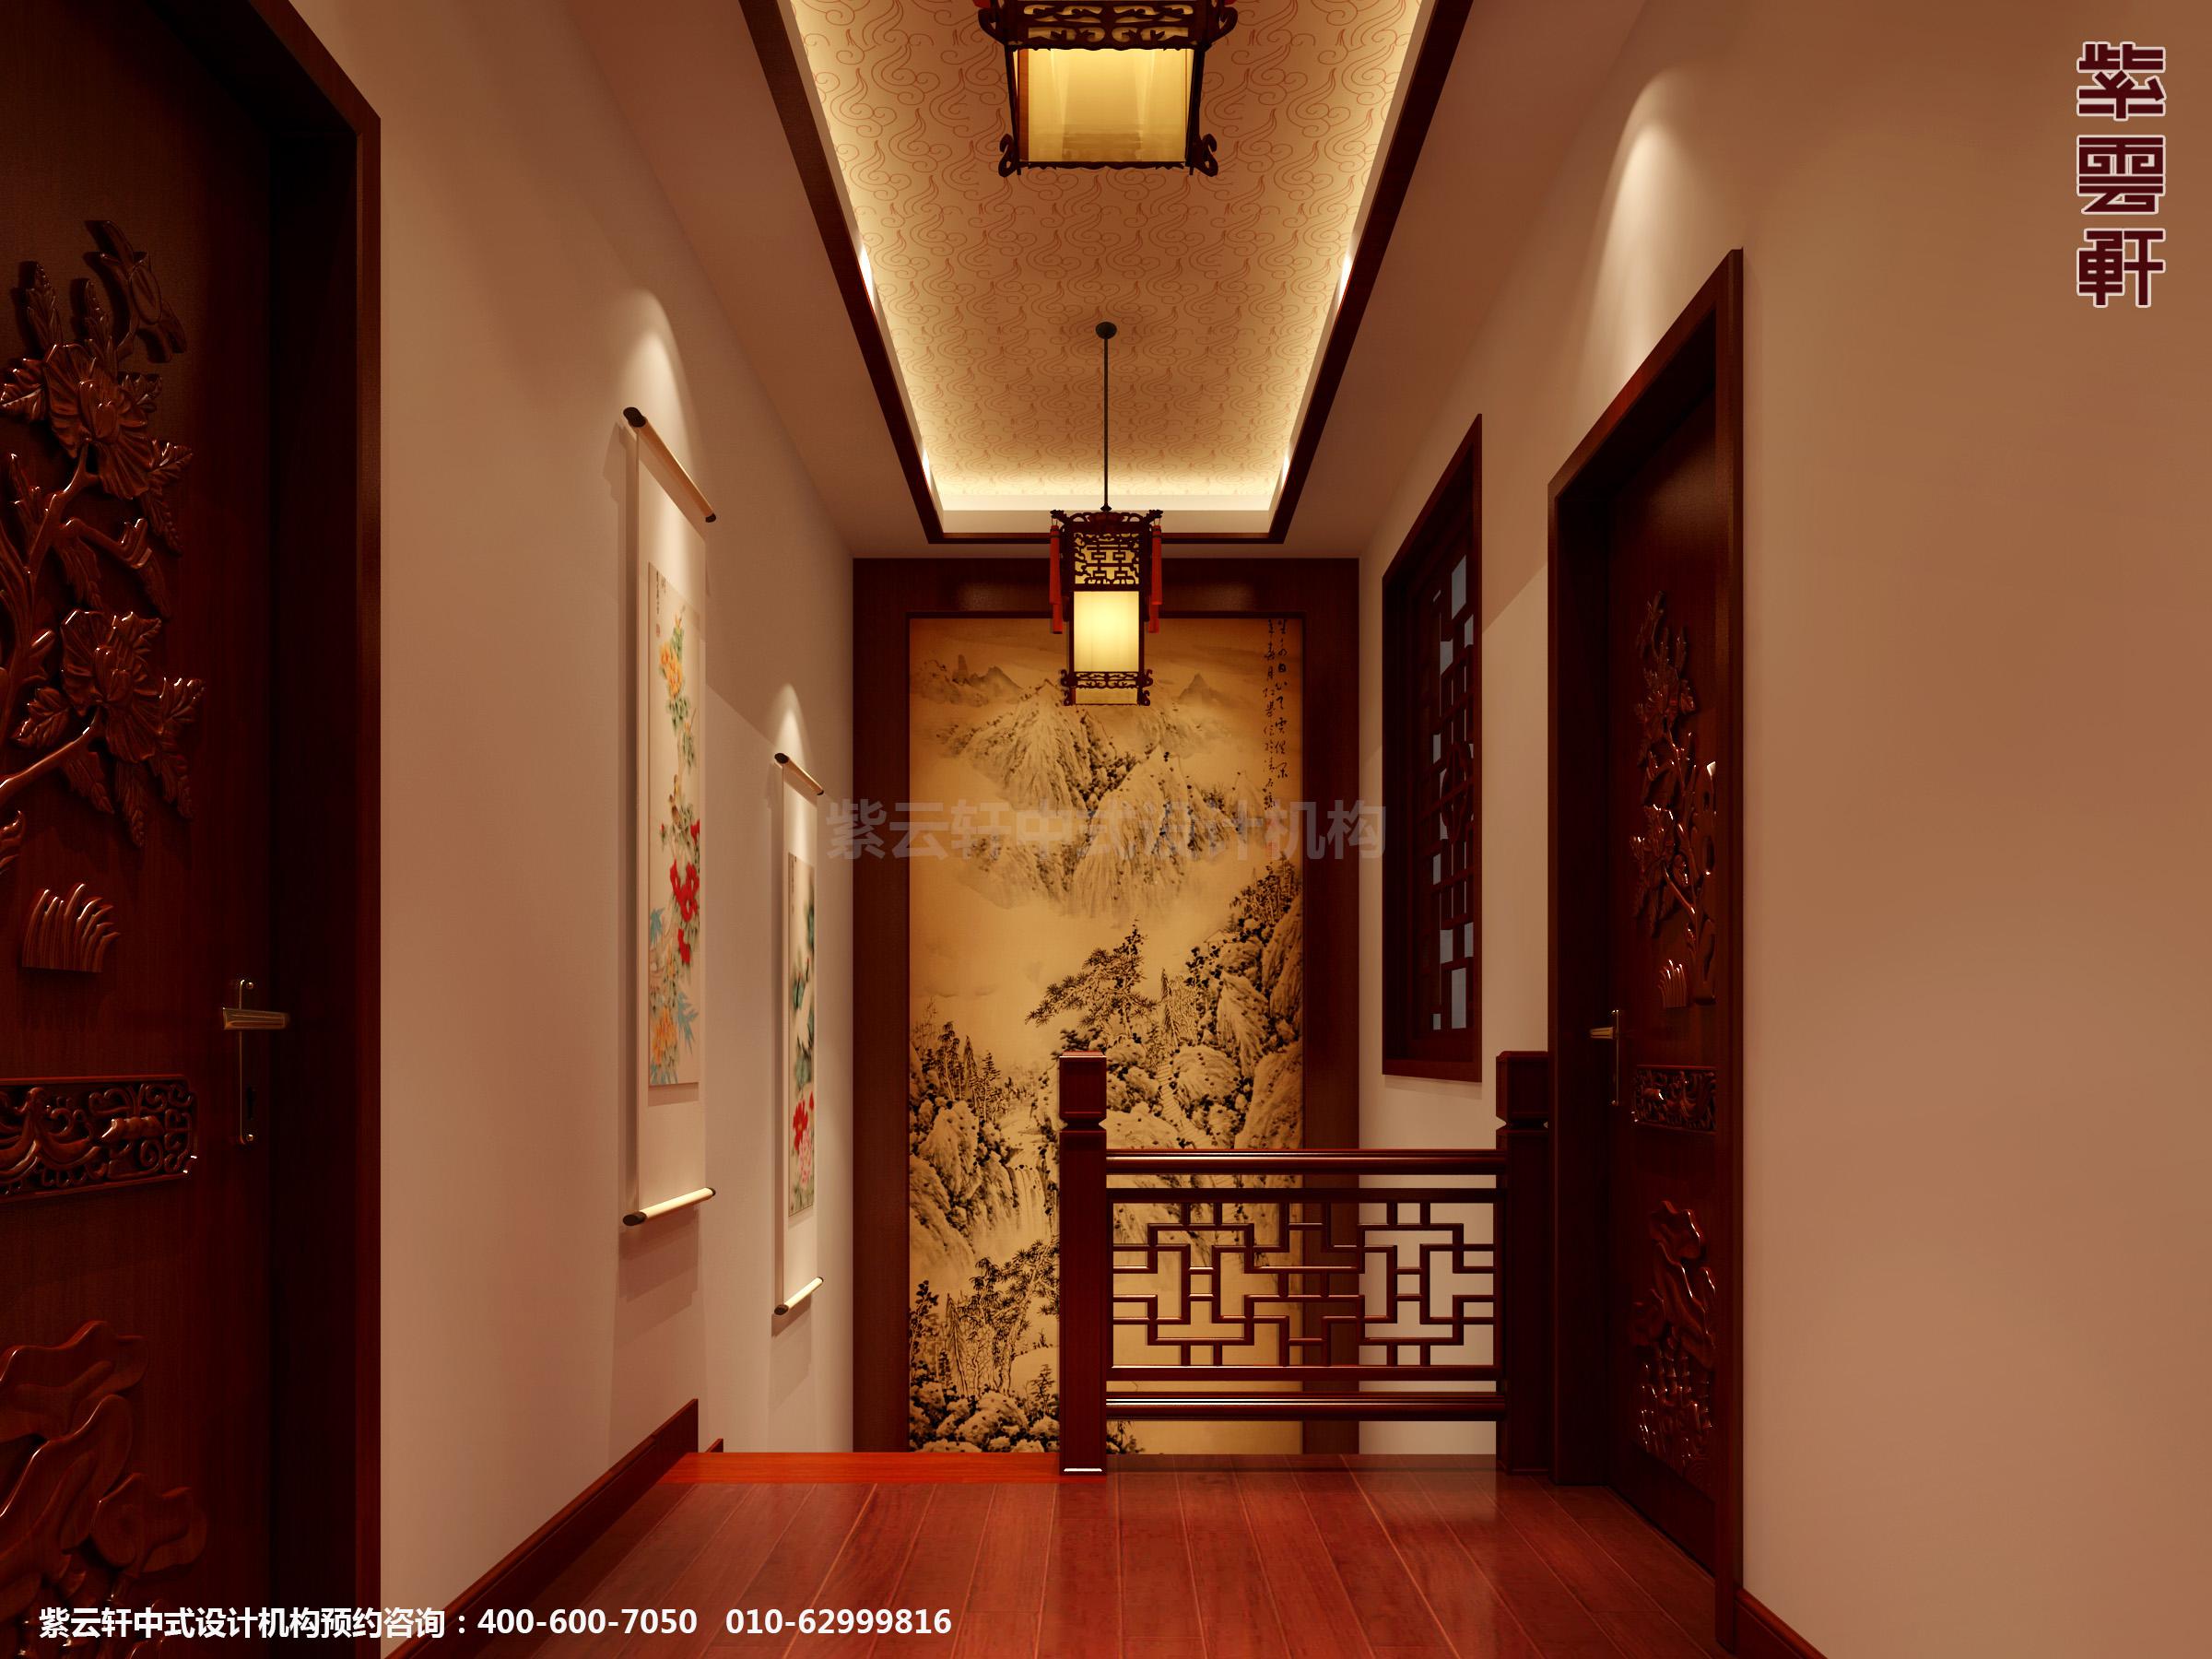 主页 中式家装图片 过道  分享 标题:日照复式楼新中式设计案例,过道